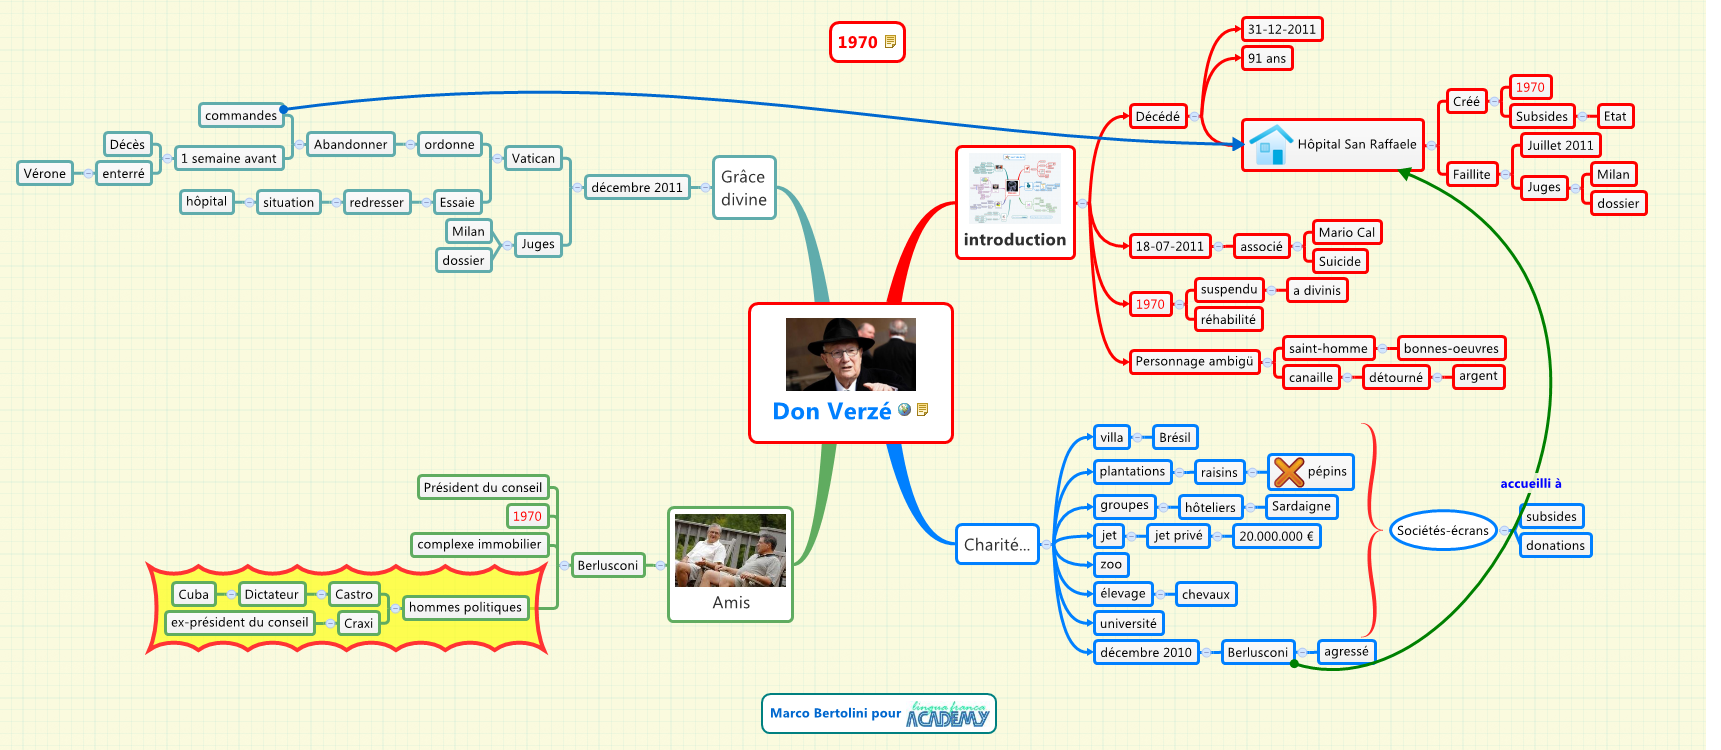 etudier avec le mindmapping   exemple de r u00e9sum u00e9 de texte  u2013 formation 3 0